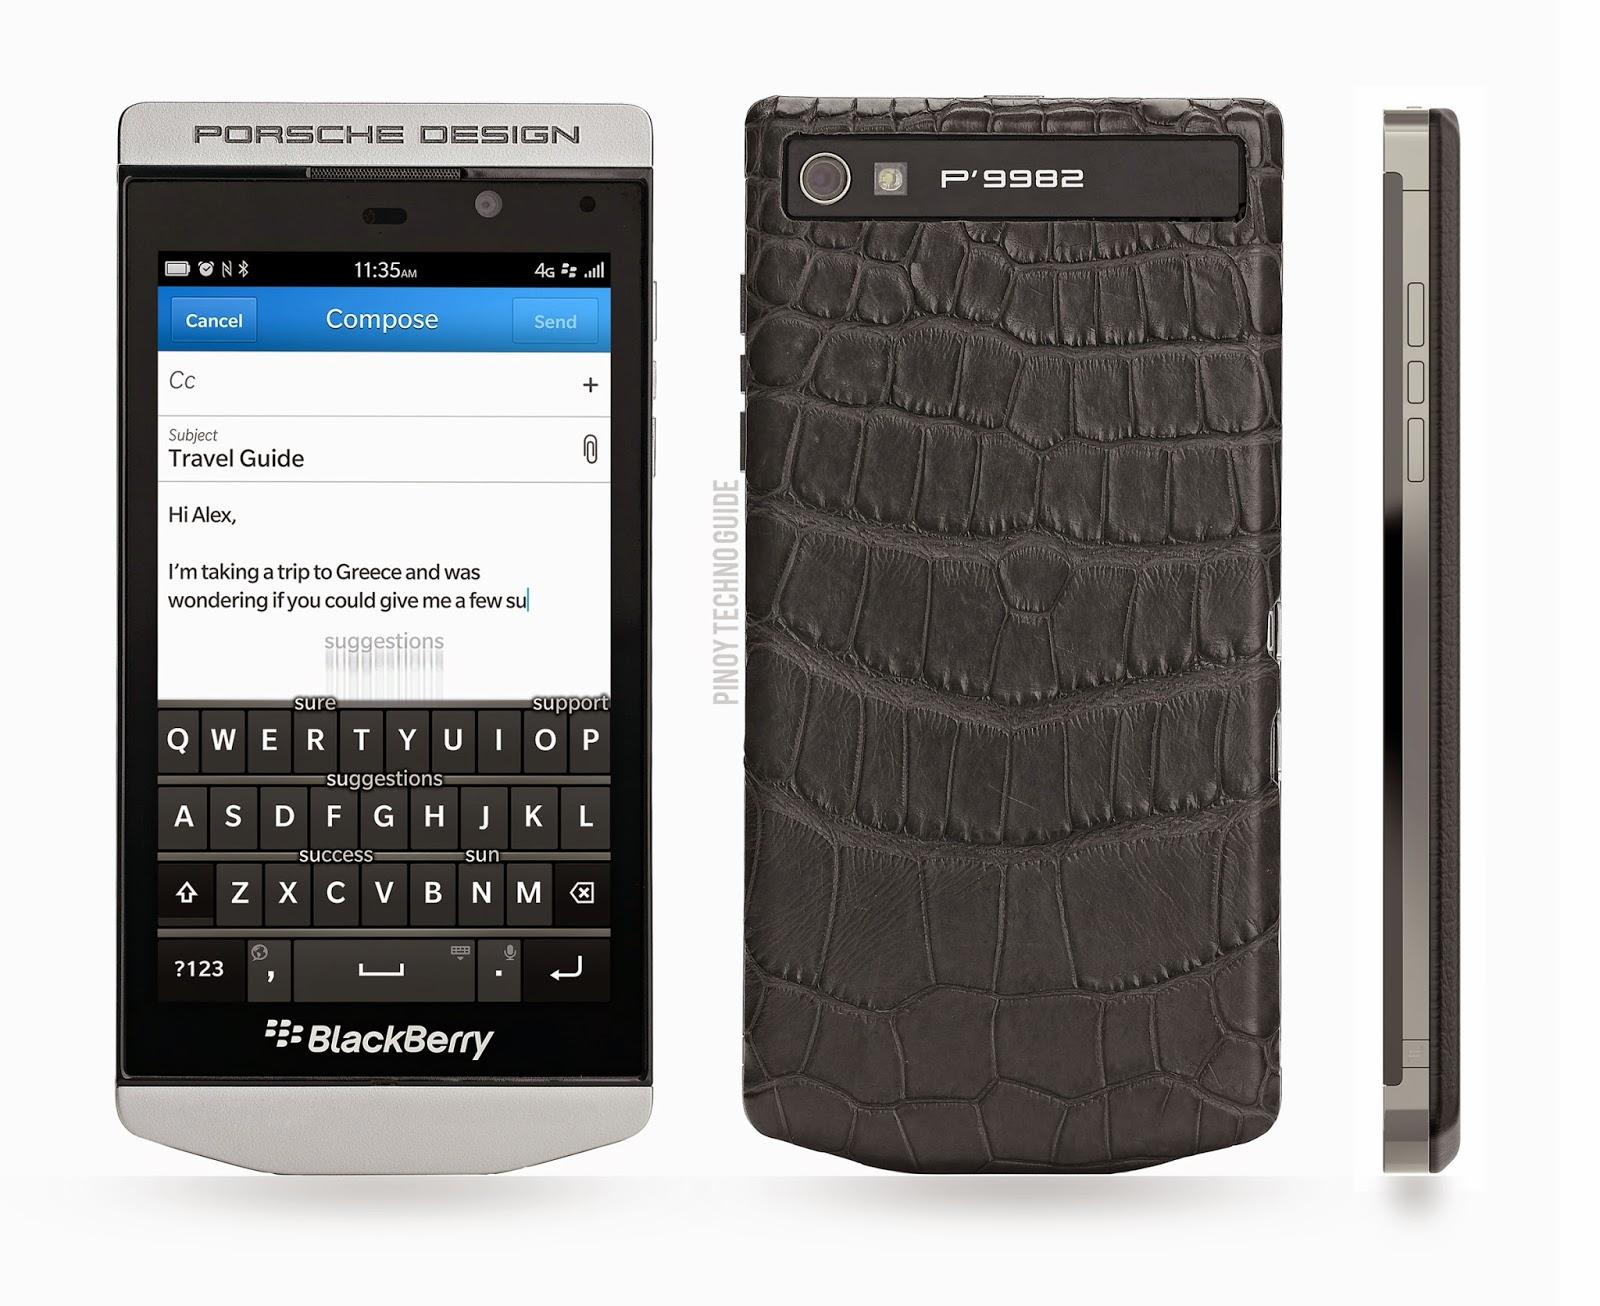 Телефон блэкберри порше дизайн цена